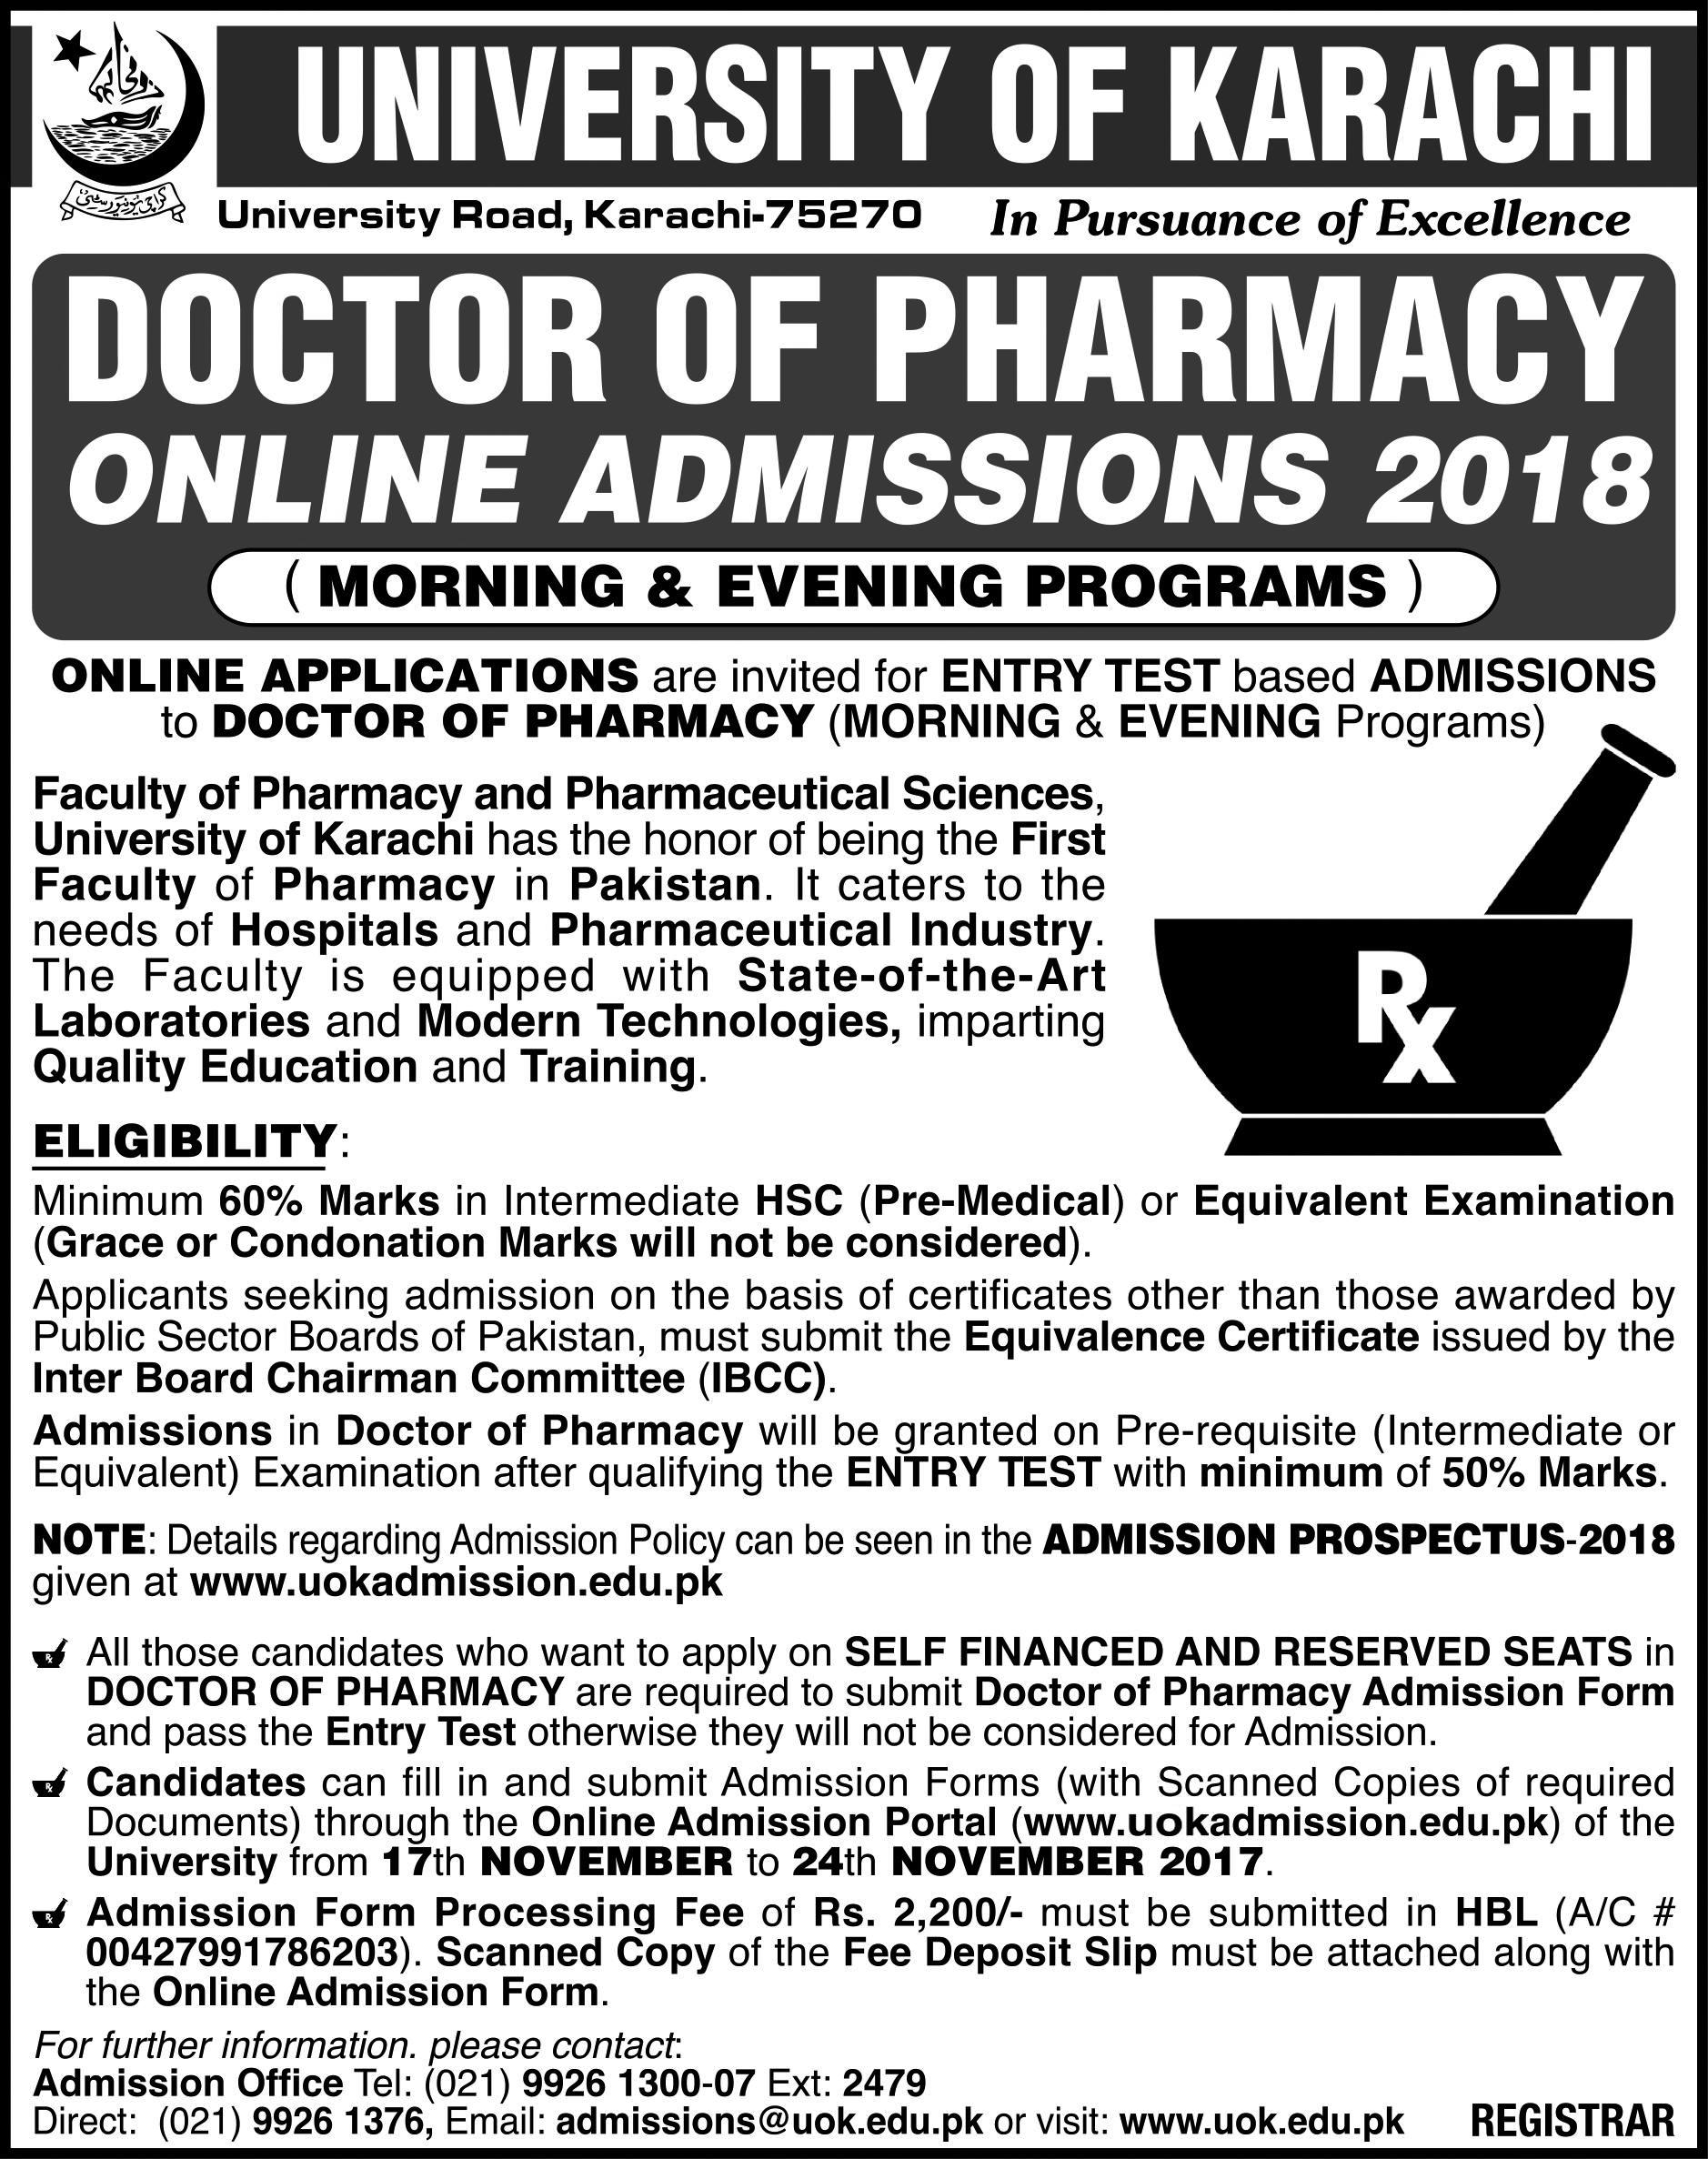 University of Karachi Pharm-D Admission Open 2017